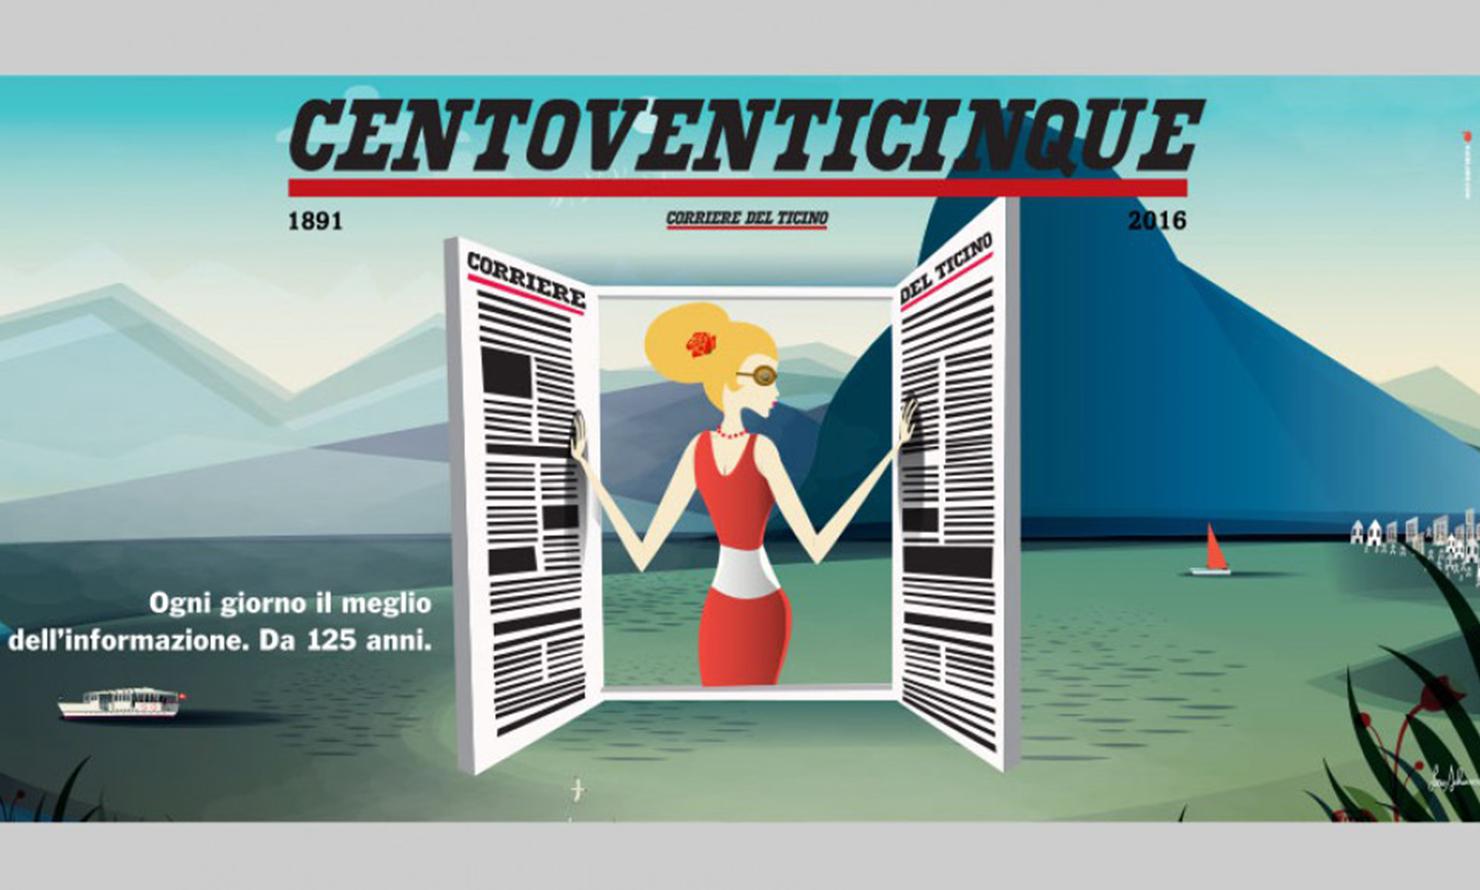 https://www.kubelibre.com/uploads/Slider-work-tutti-clienti/corriere-del-ticino-centoventicinque-anni-di-comunicazione-indipendente-2.jpg